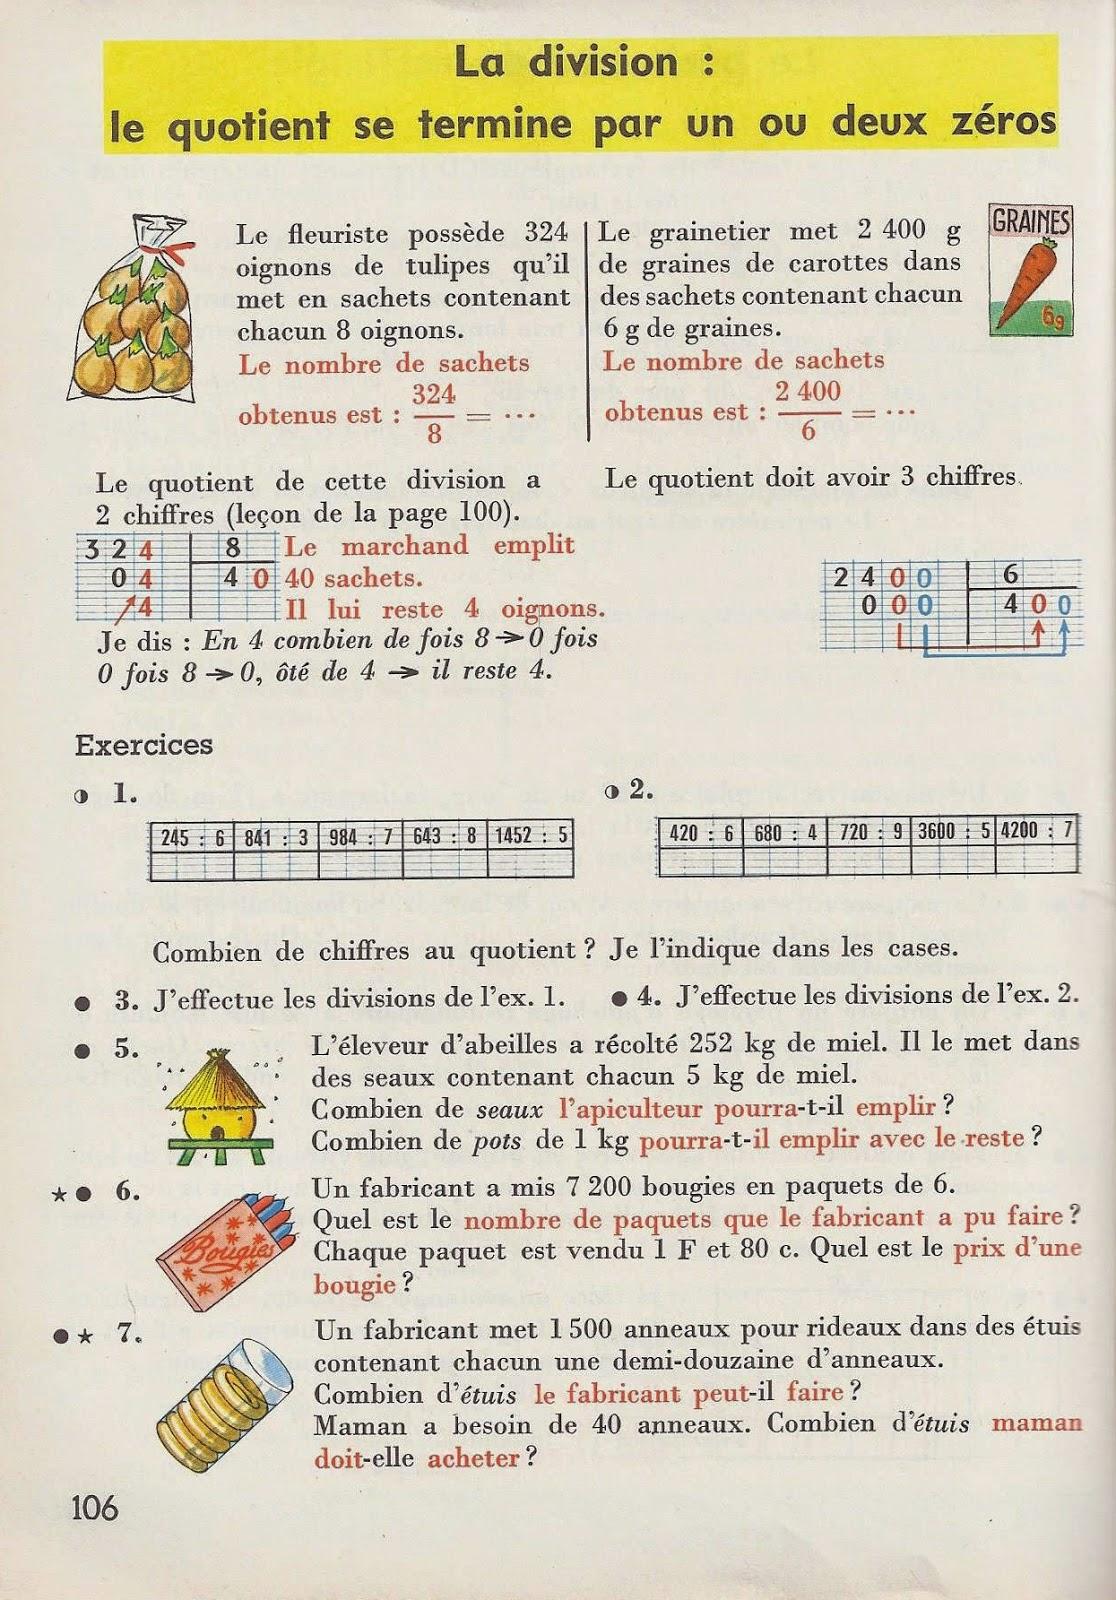 Manuels anciens calcul ce mois d 39 avril for Calcul metre carre d une piece